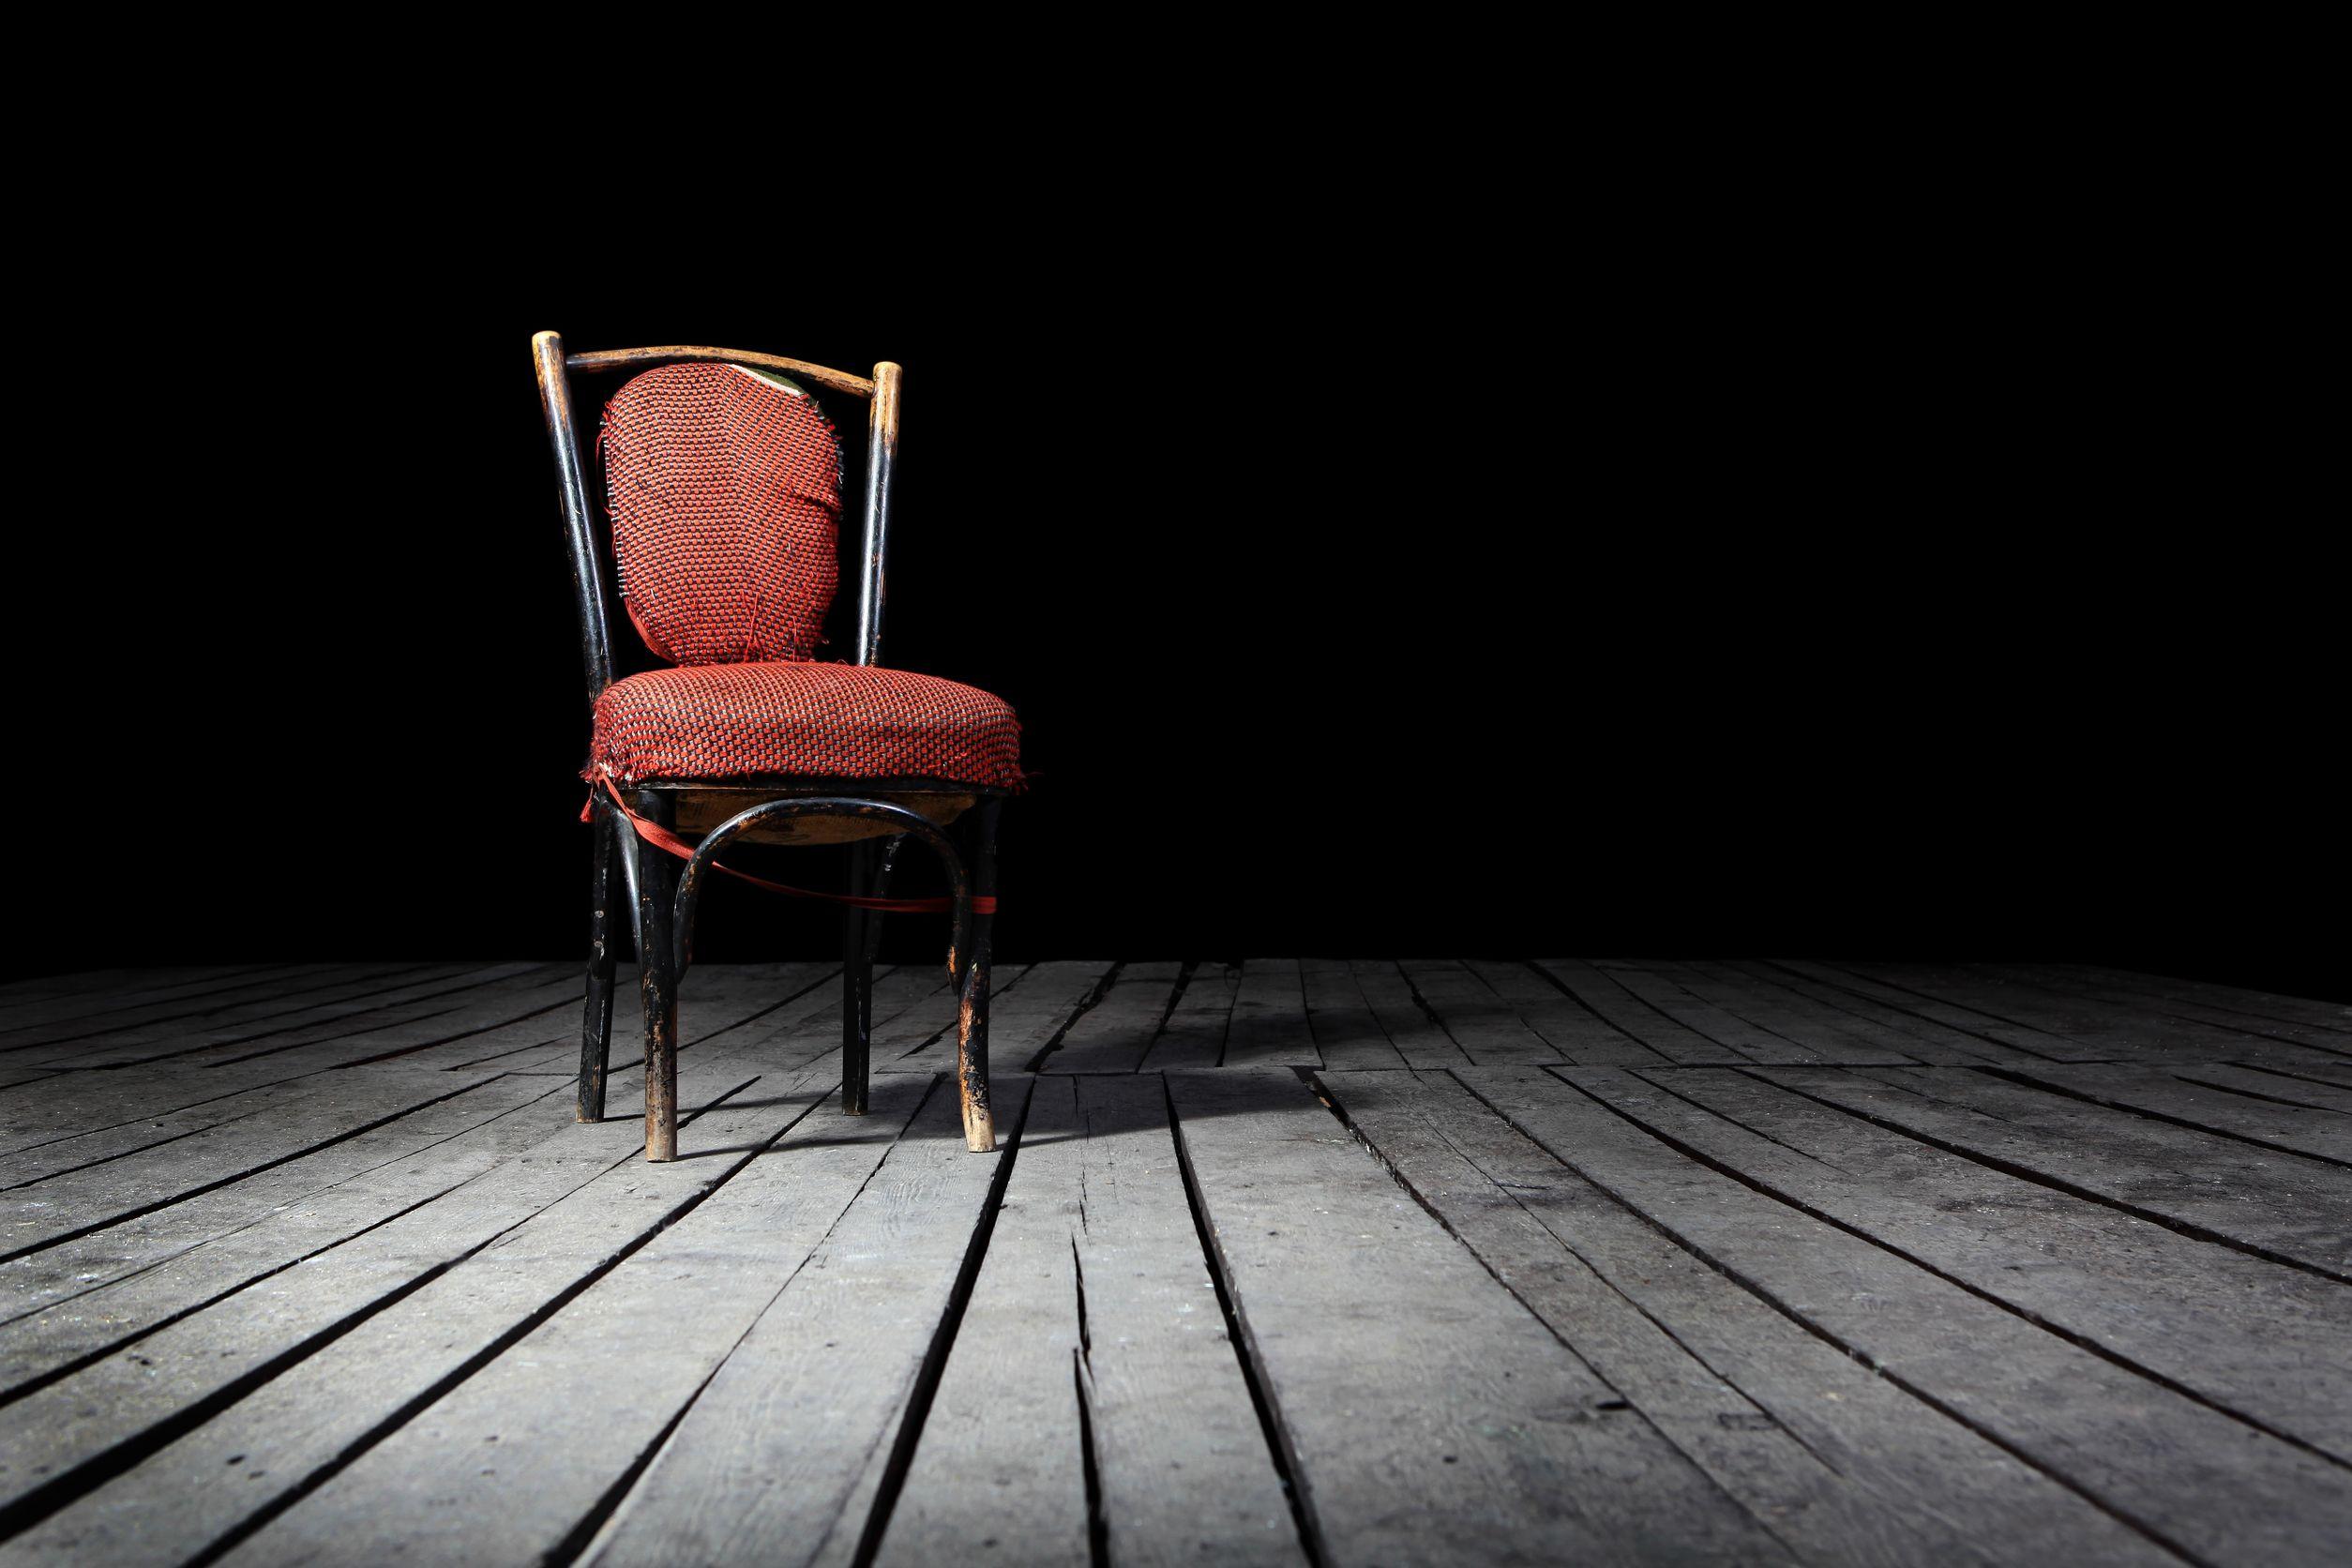 Condominio, revoca giudiziale dell'amministratore e nomina (giudiziale) di un sostituto